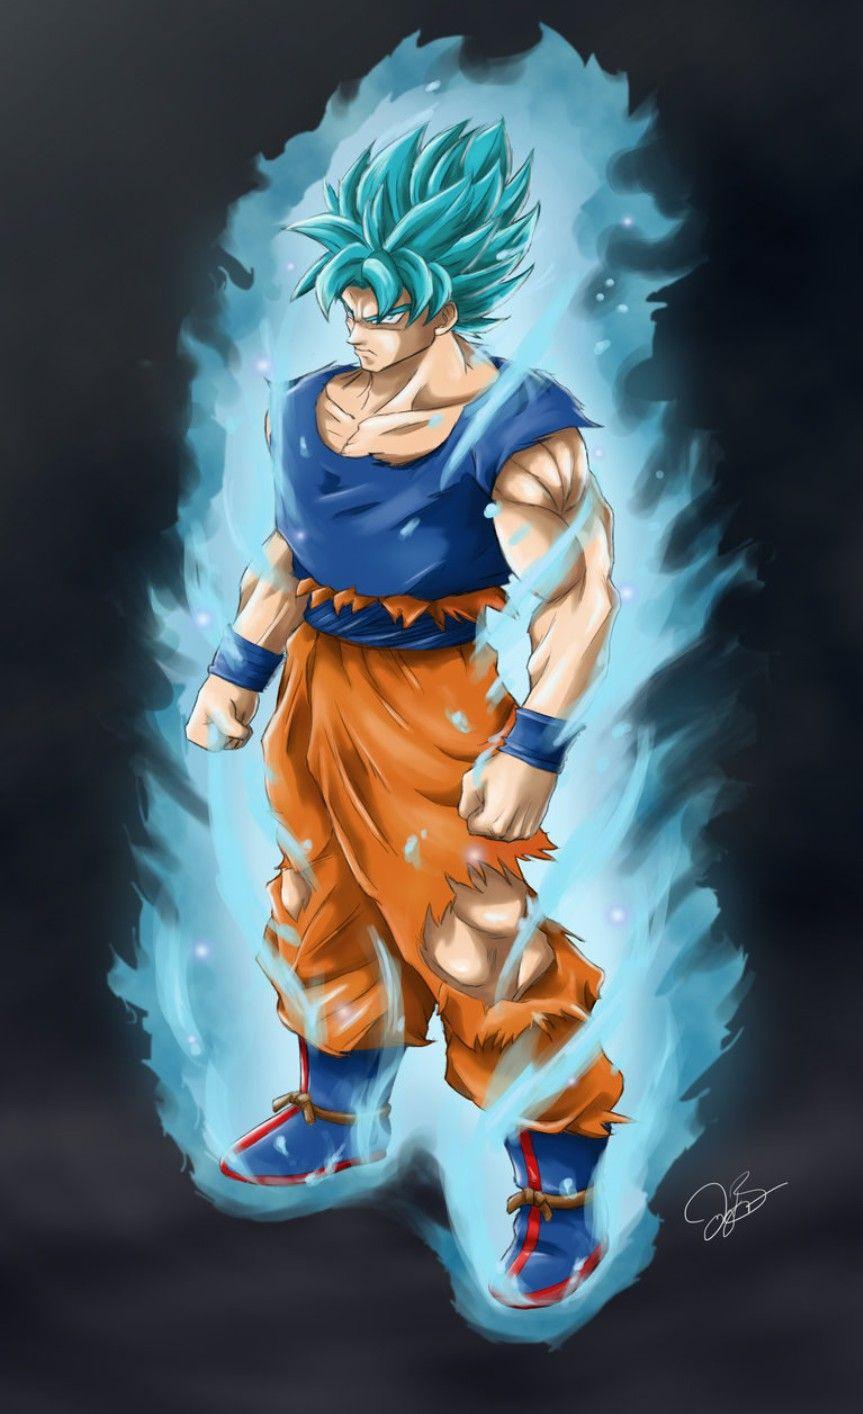 Goku Super Saiyan Blue Dragon Ball Super Anime Dragon Ball Super Goku Super Saiyan Blue Anime Dragon Ball